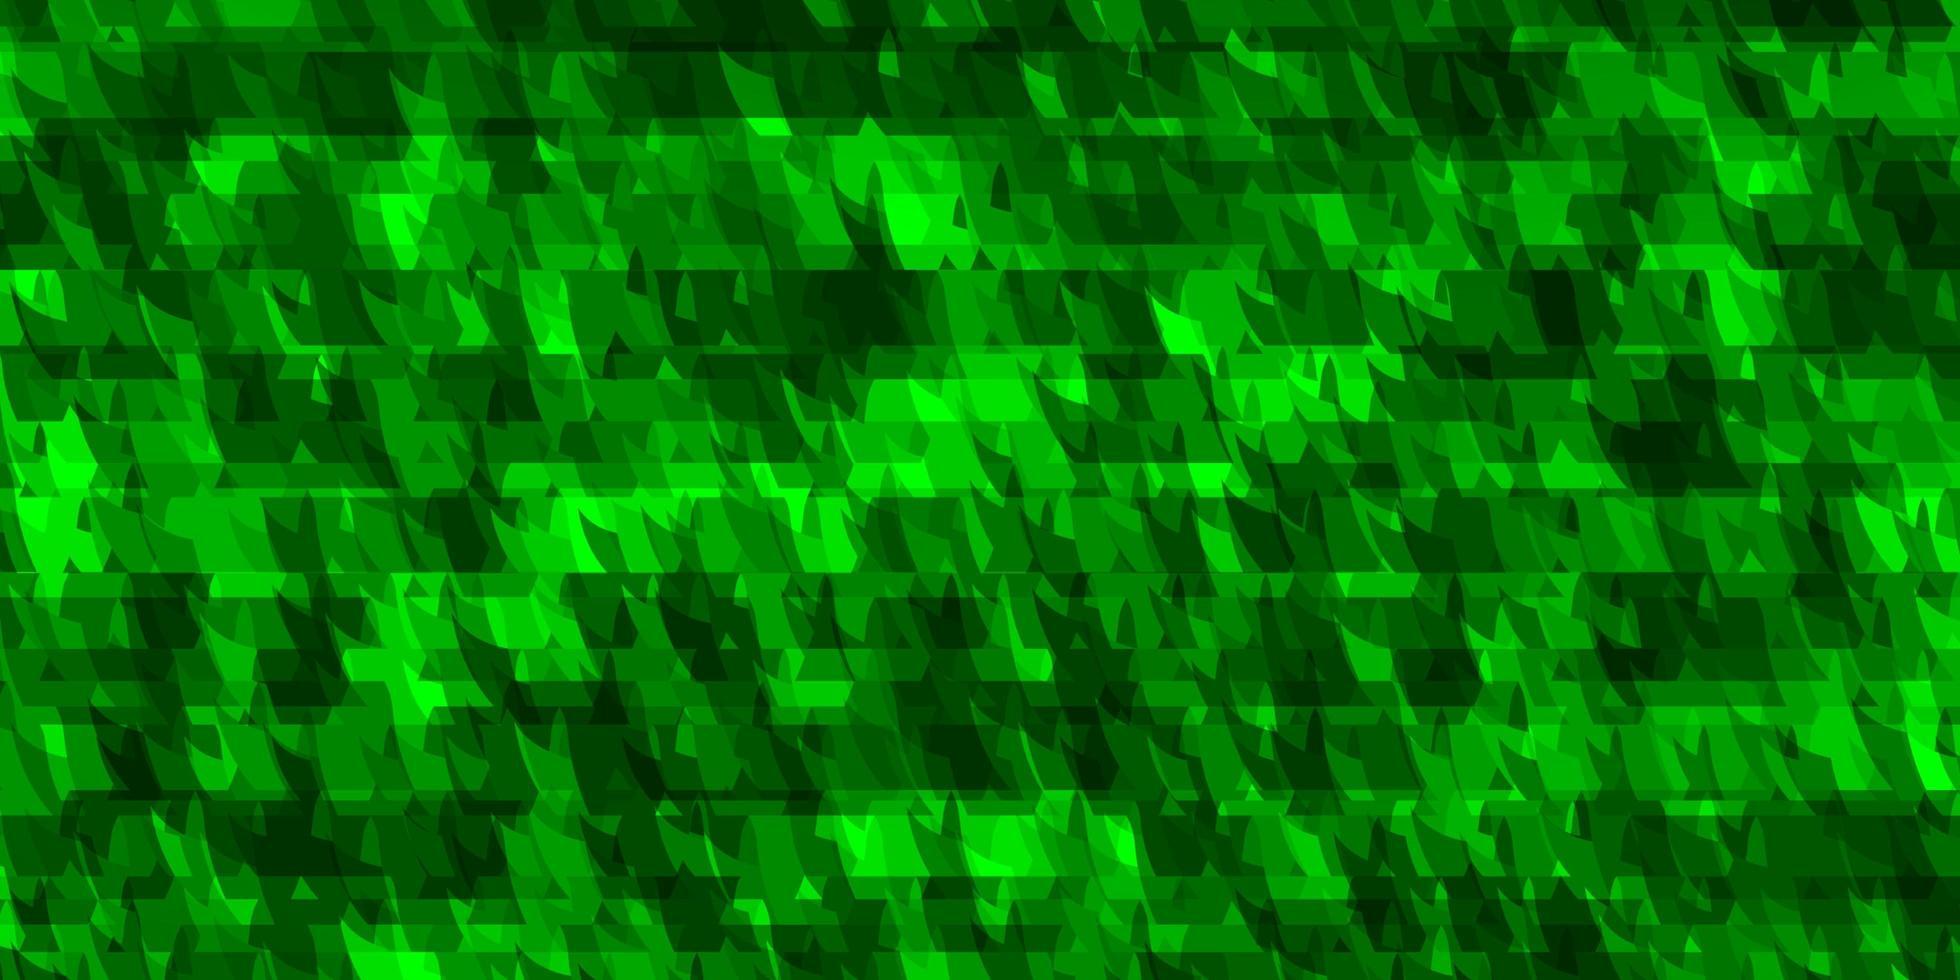 modèle vectoriel vert clair avec des lignes, des triangles.